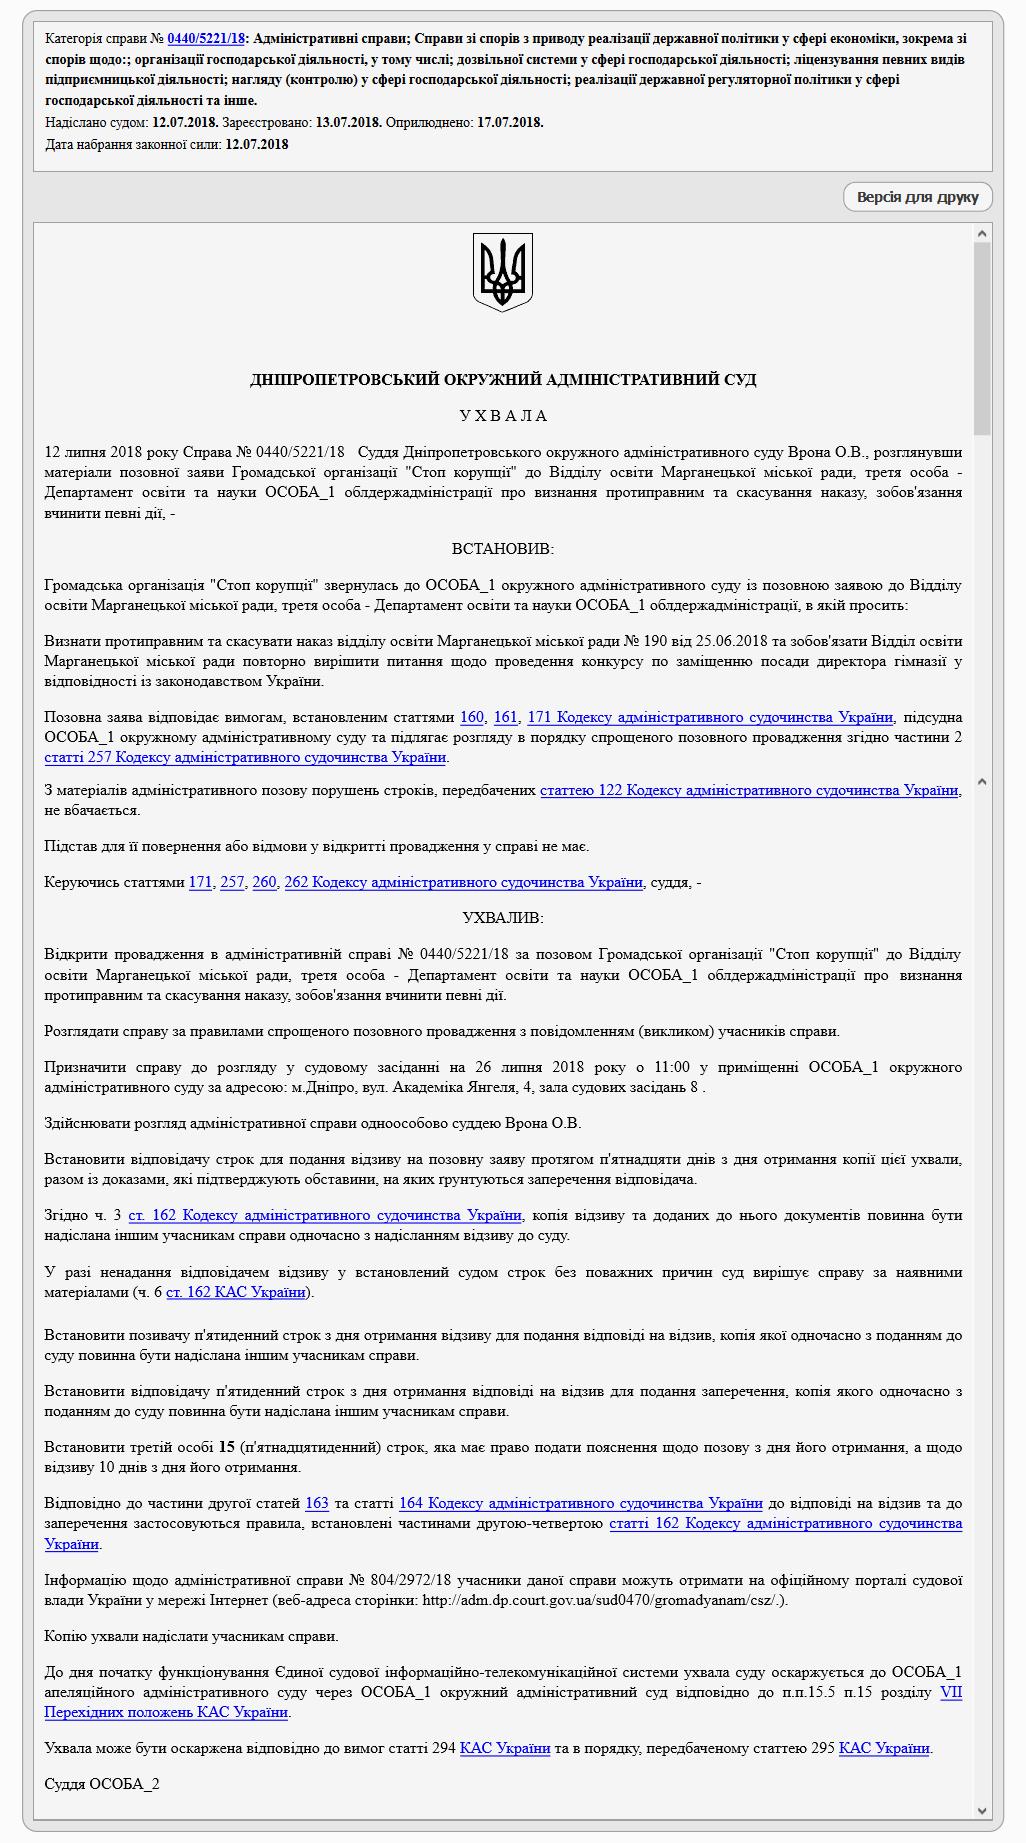 Screenshot_2018-07-31 Єдиний державний реєстр судових рішень